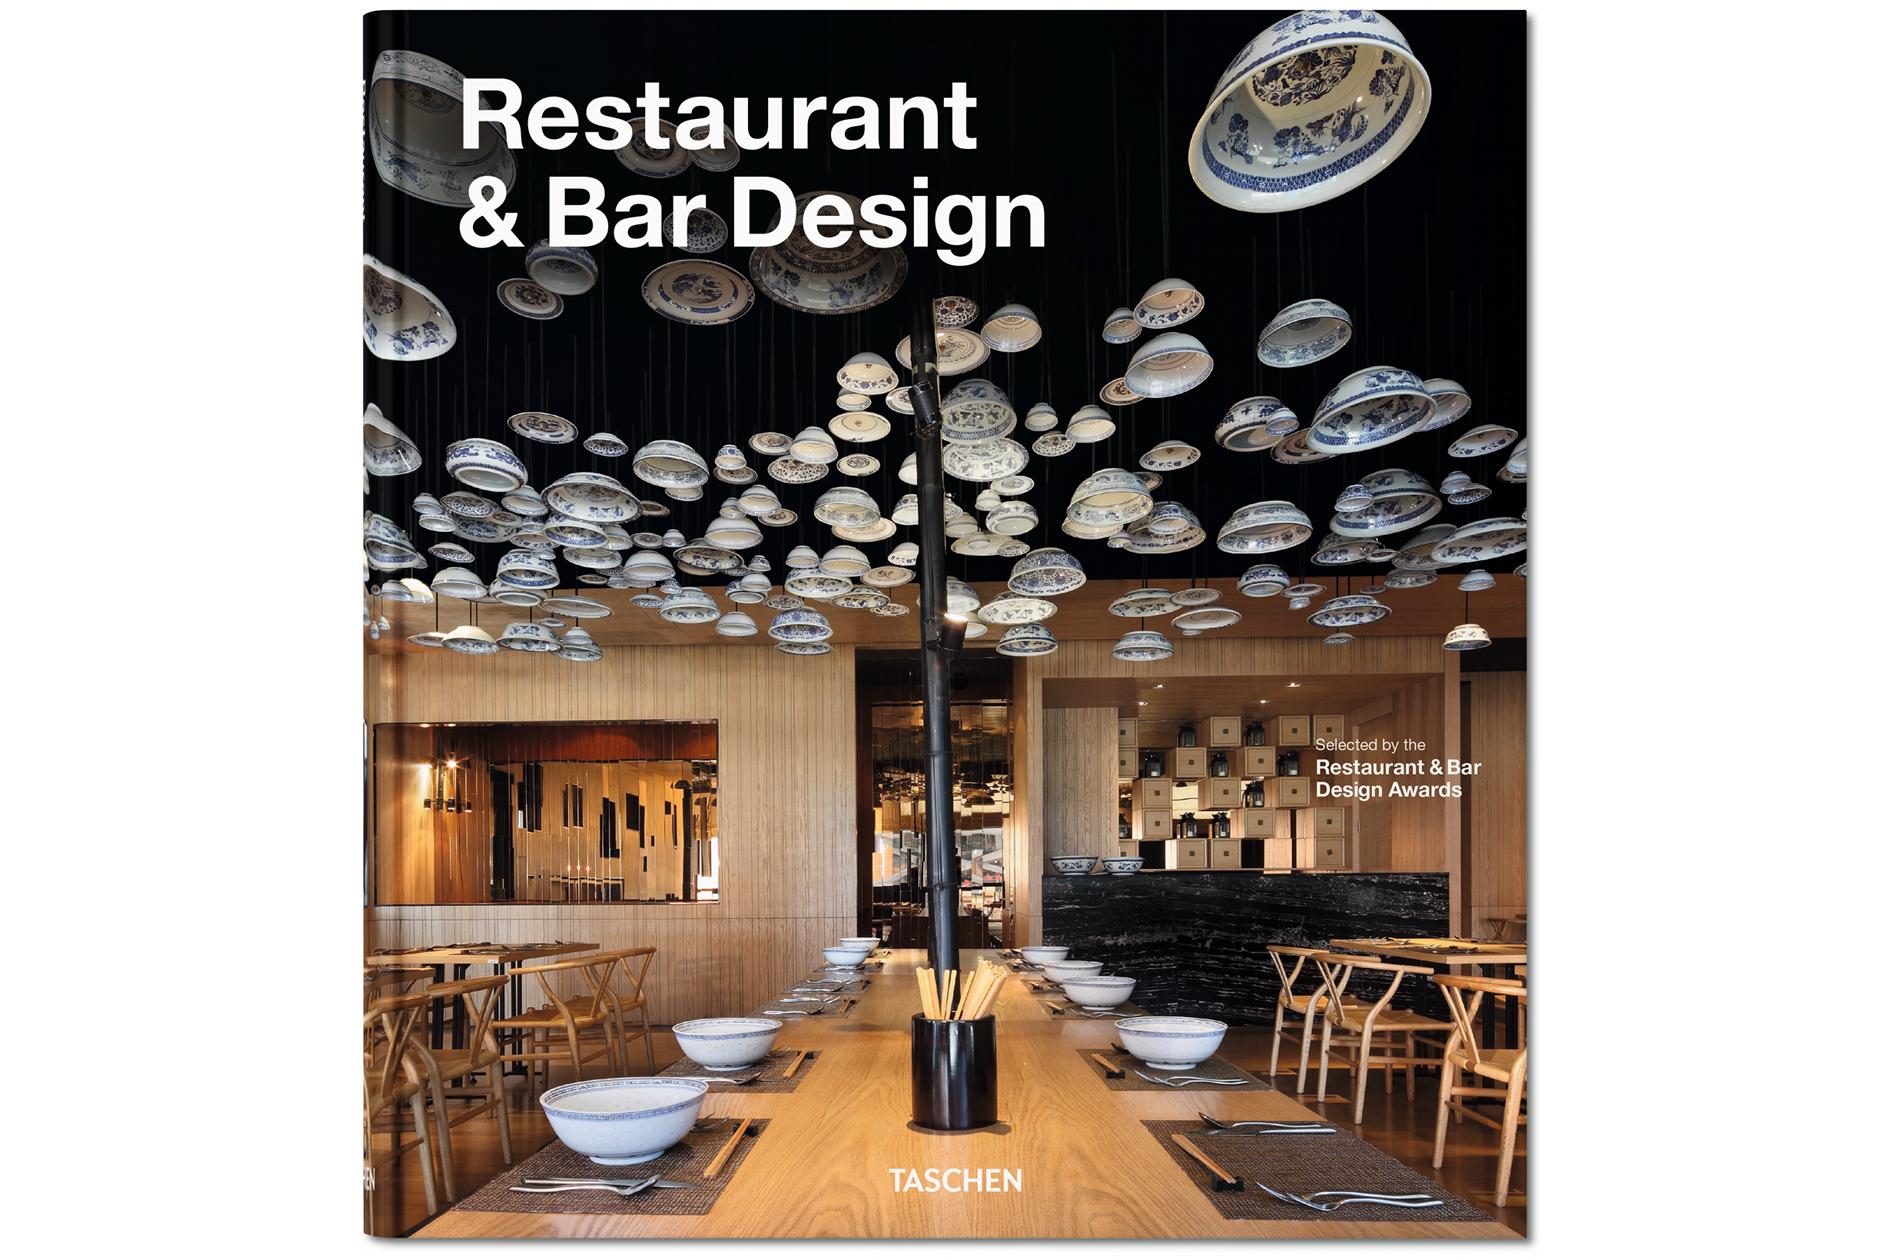 Essthetik in Restaurants und Bars | cookionista